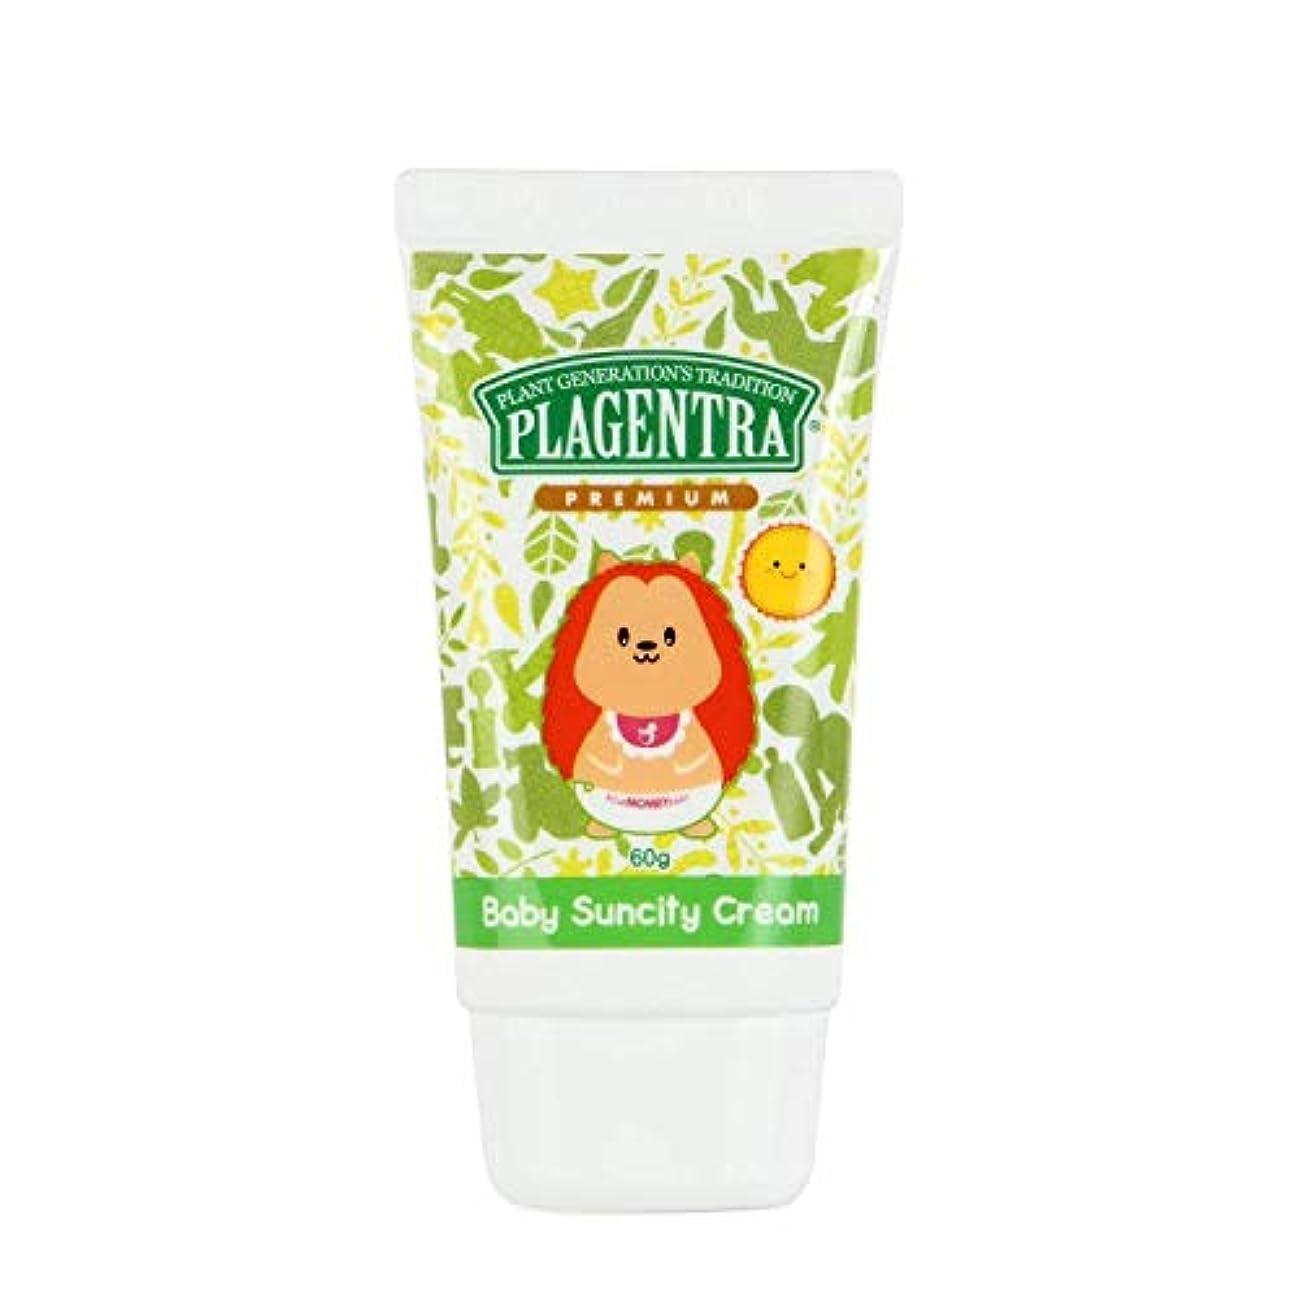 リーフレット生産性アプローチ[ PLAGENTRA ] Baby Suncity Cream (60g) Natural Sunscreen 韓国 日焼け止め